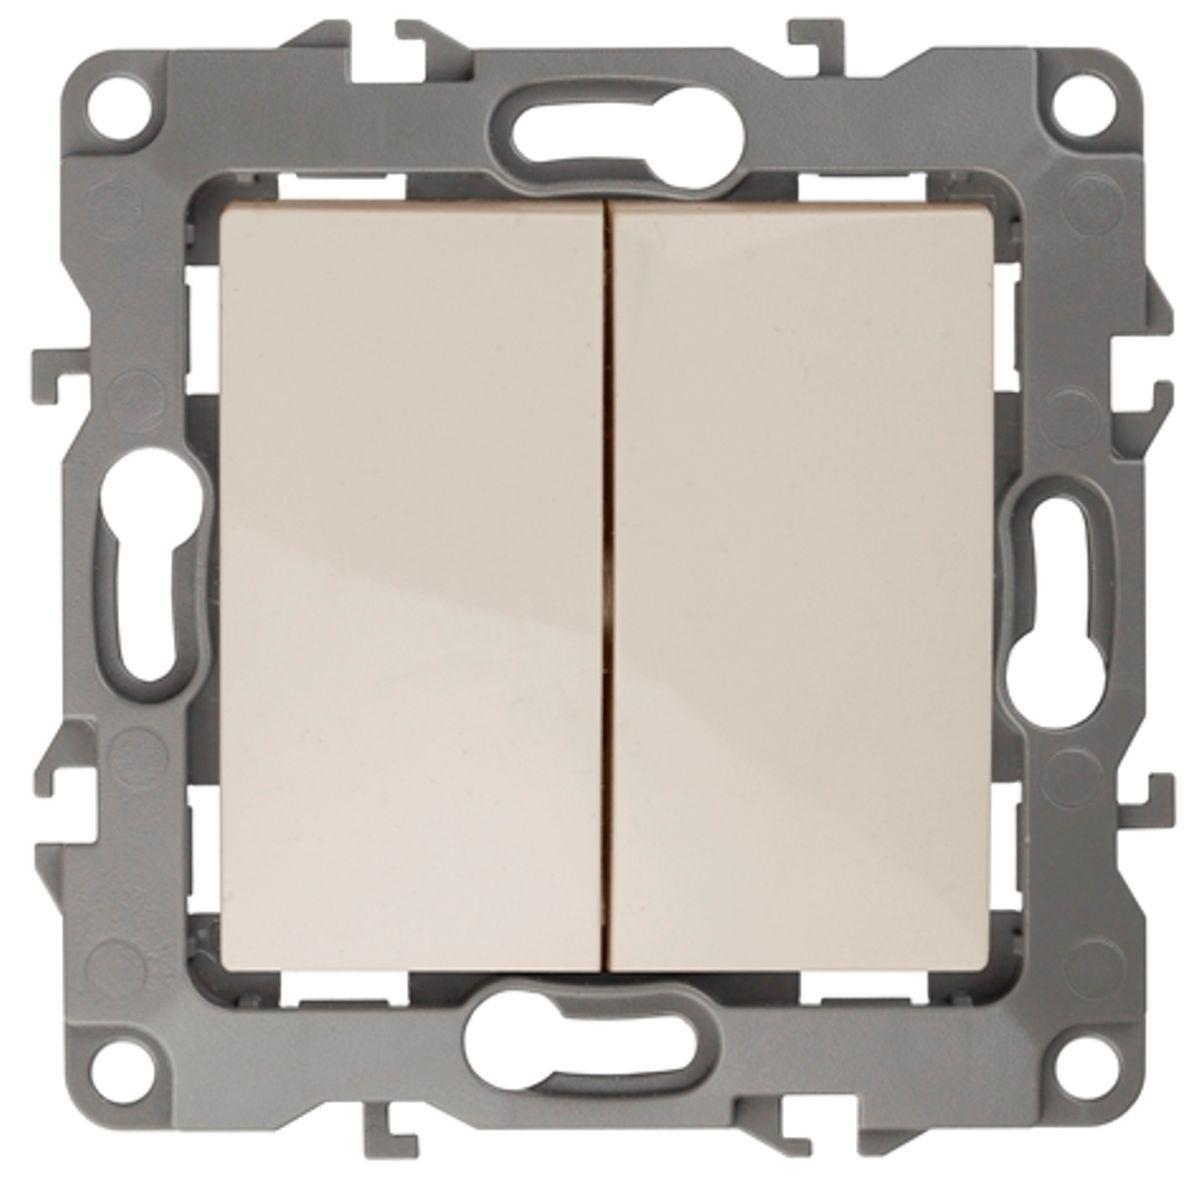 Выключатель ЭРА, двойной, цвет: слоновая кость, серый. 12-100412-1004-02Двойной выключатель ЭРА выполнен из прочного пластика, контакты бронзовые. Изделие просто в установке, надежно в эксплуатации. Выключатель имеет специальные фиксаторы, которые не дают ему смещаться как при монтаже, так и в процессе эксплуатации. Автоматические зажимы кабеля обеспечивают быстрый и надежный монтаж изделия к электросети без отвертки и не требуют обслуживания в отличие от винтовых зажимов. УВАЖАЕМЫЕ КЛИЕНТЫ! Обращаем ваше внимание на тот факт, что монтажные лапки в комплект не входят.